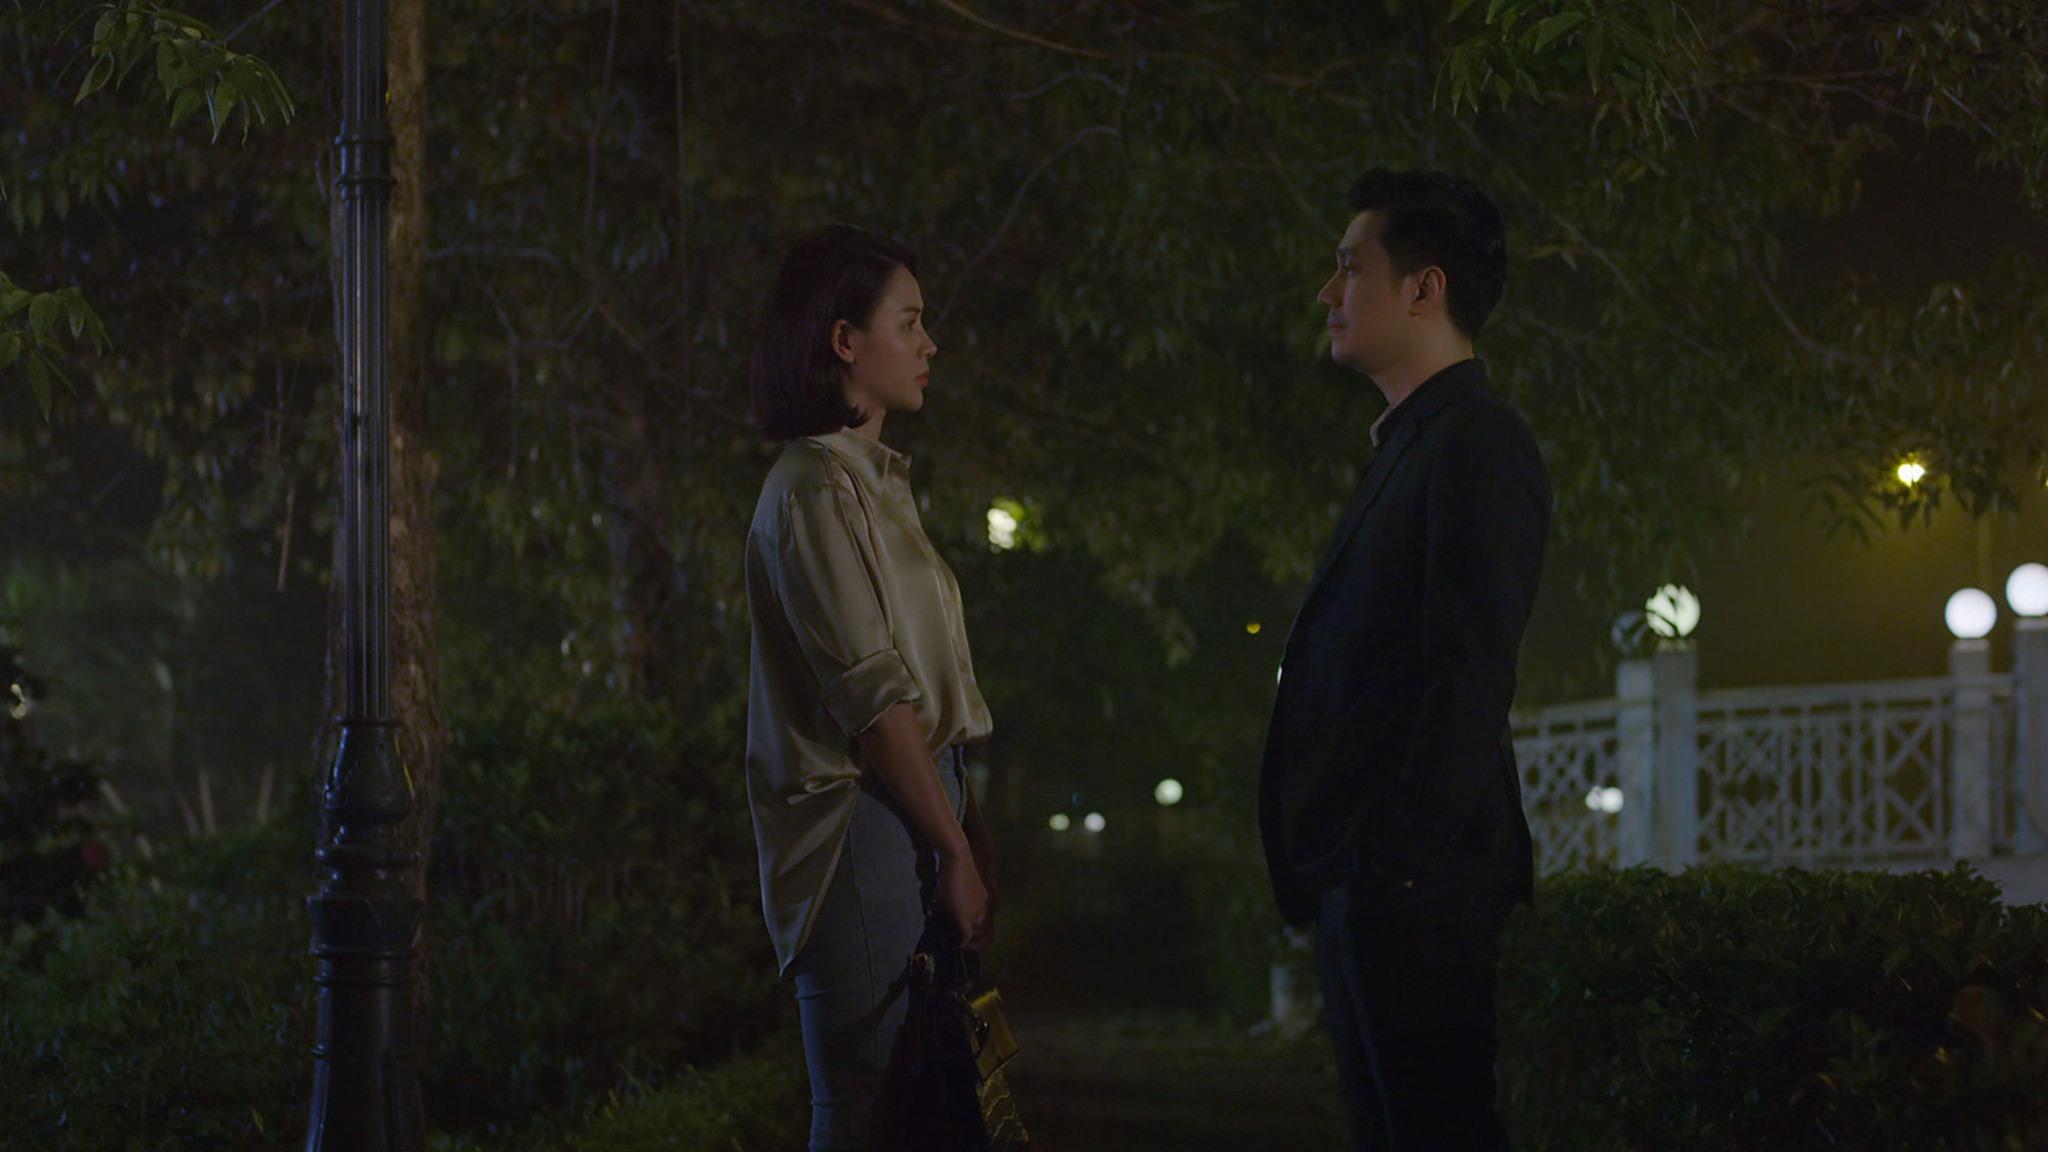 Hoàng một lần nữa thổ lộ lòng mình với Minh